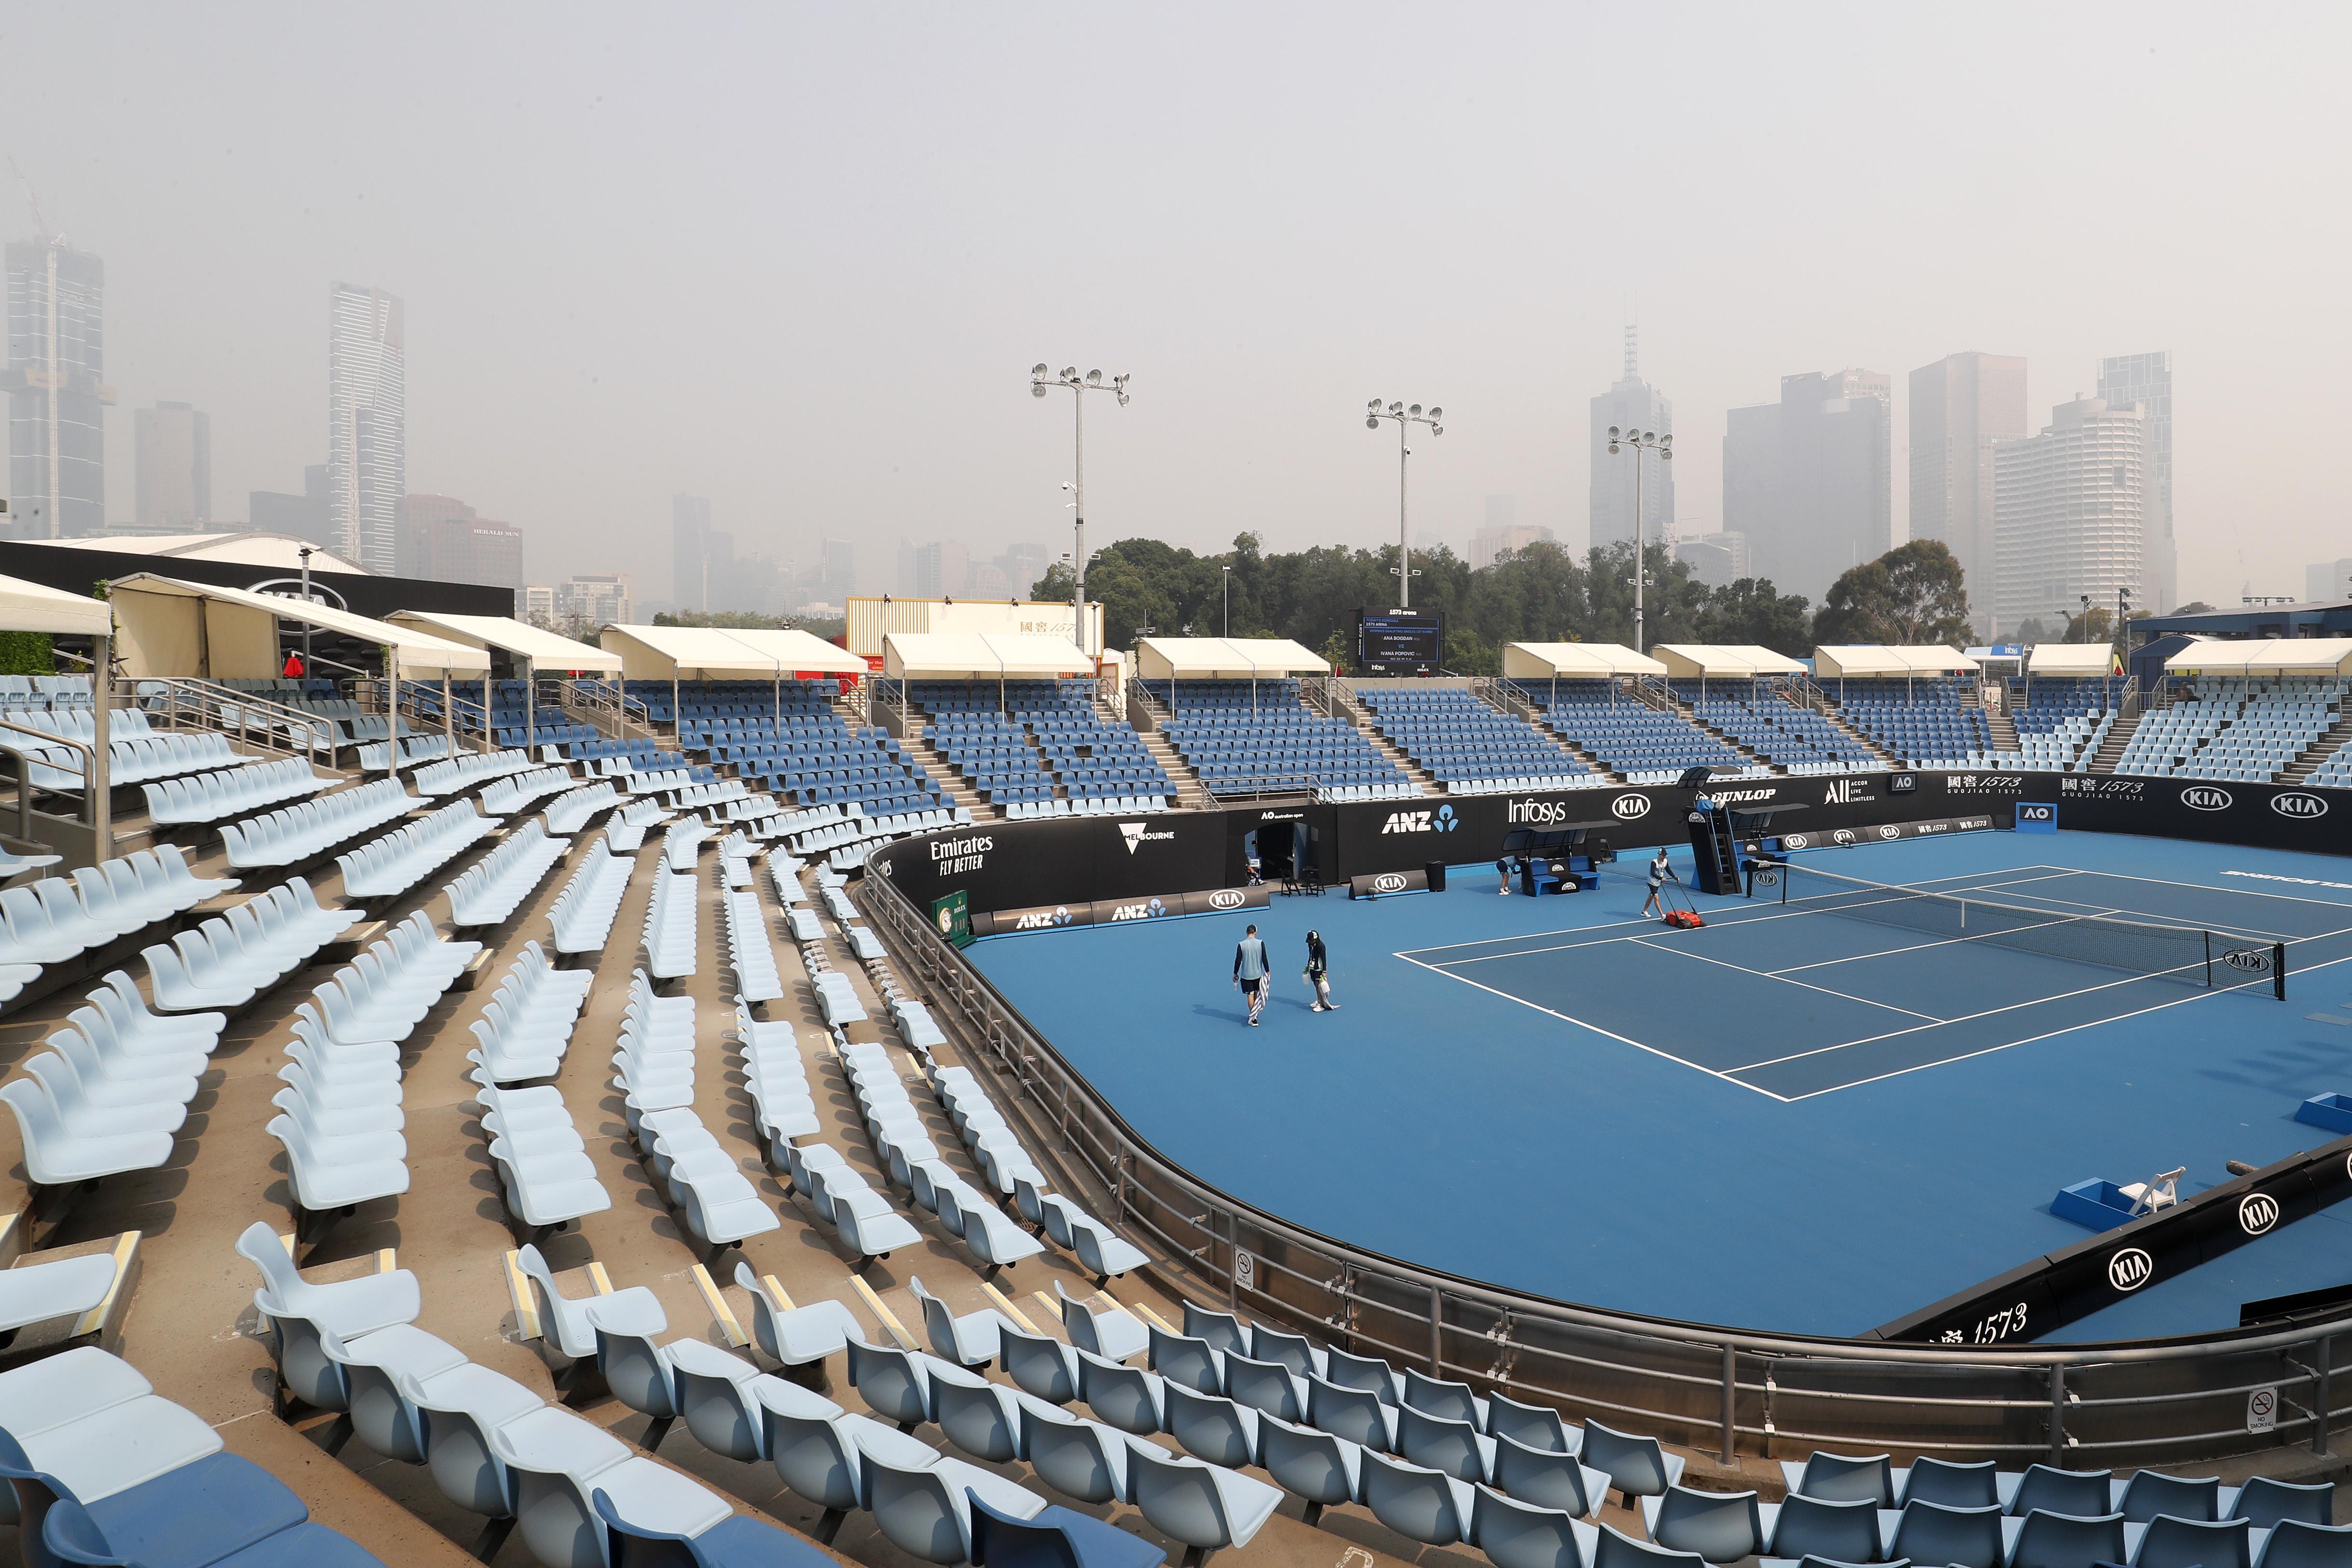 Viditelný kouř z tenisové arény